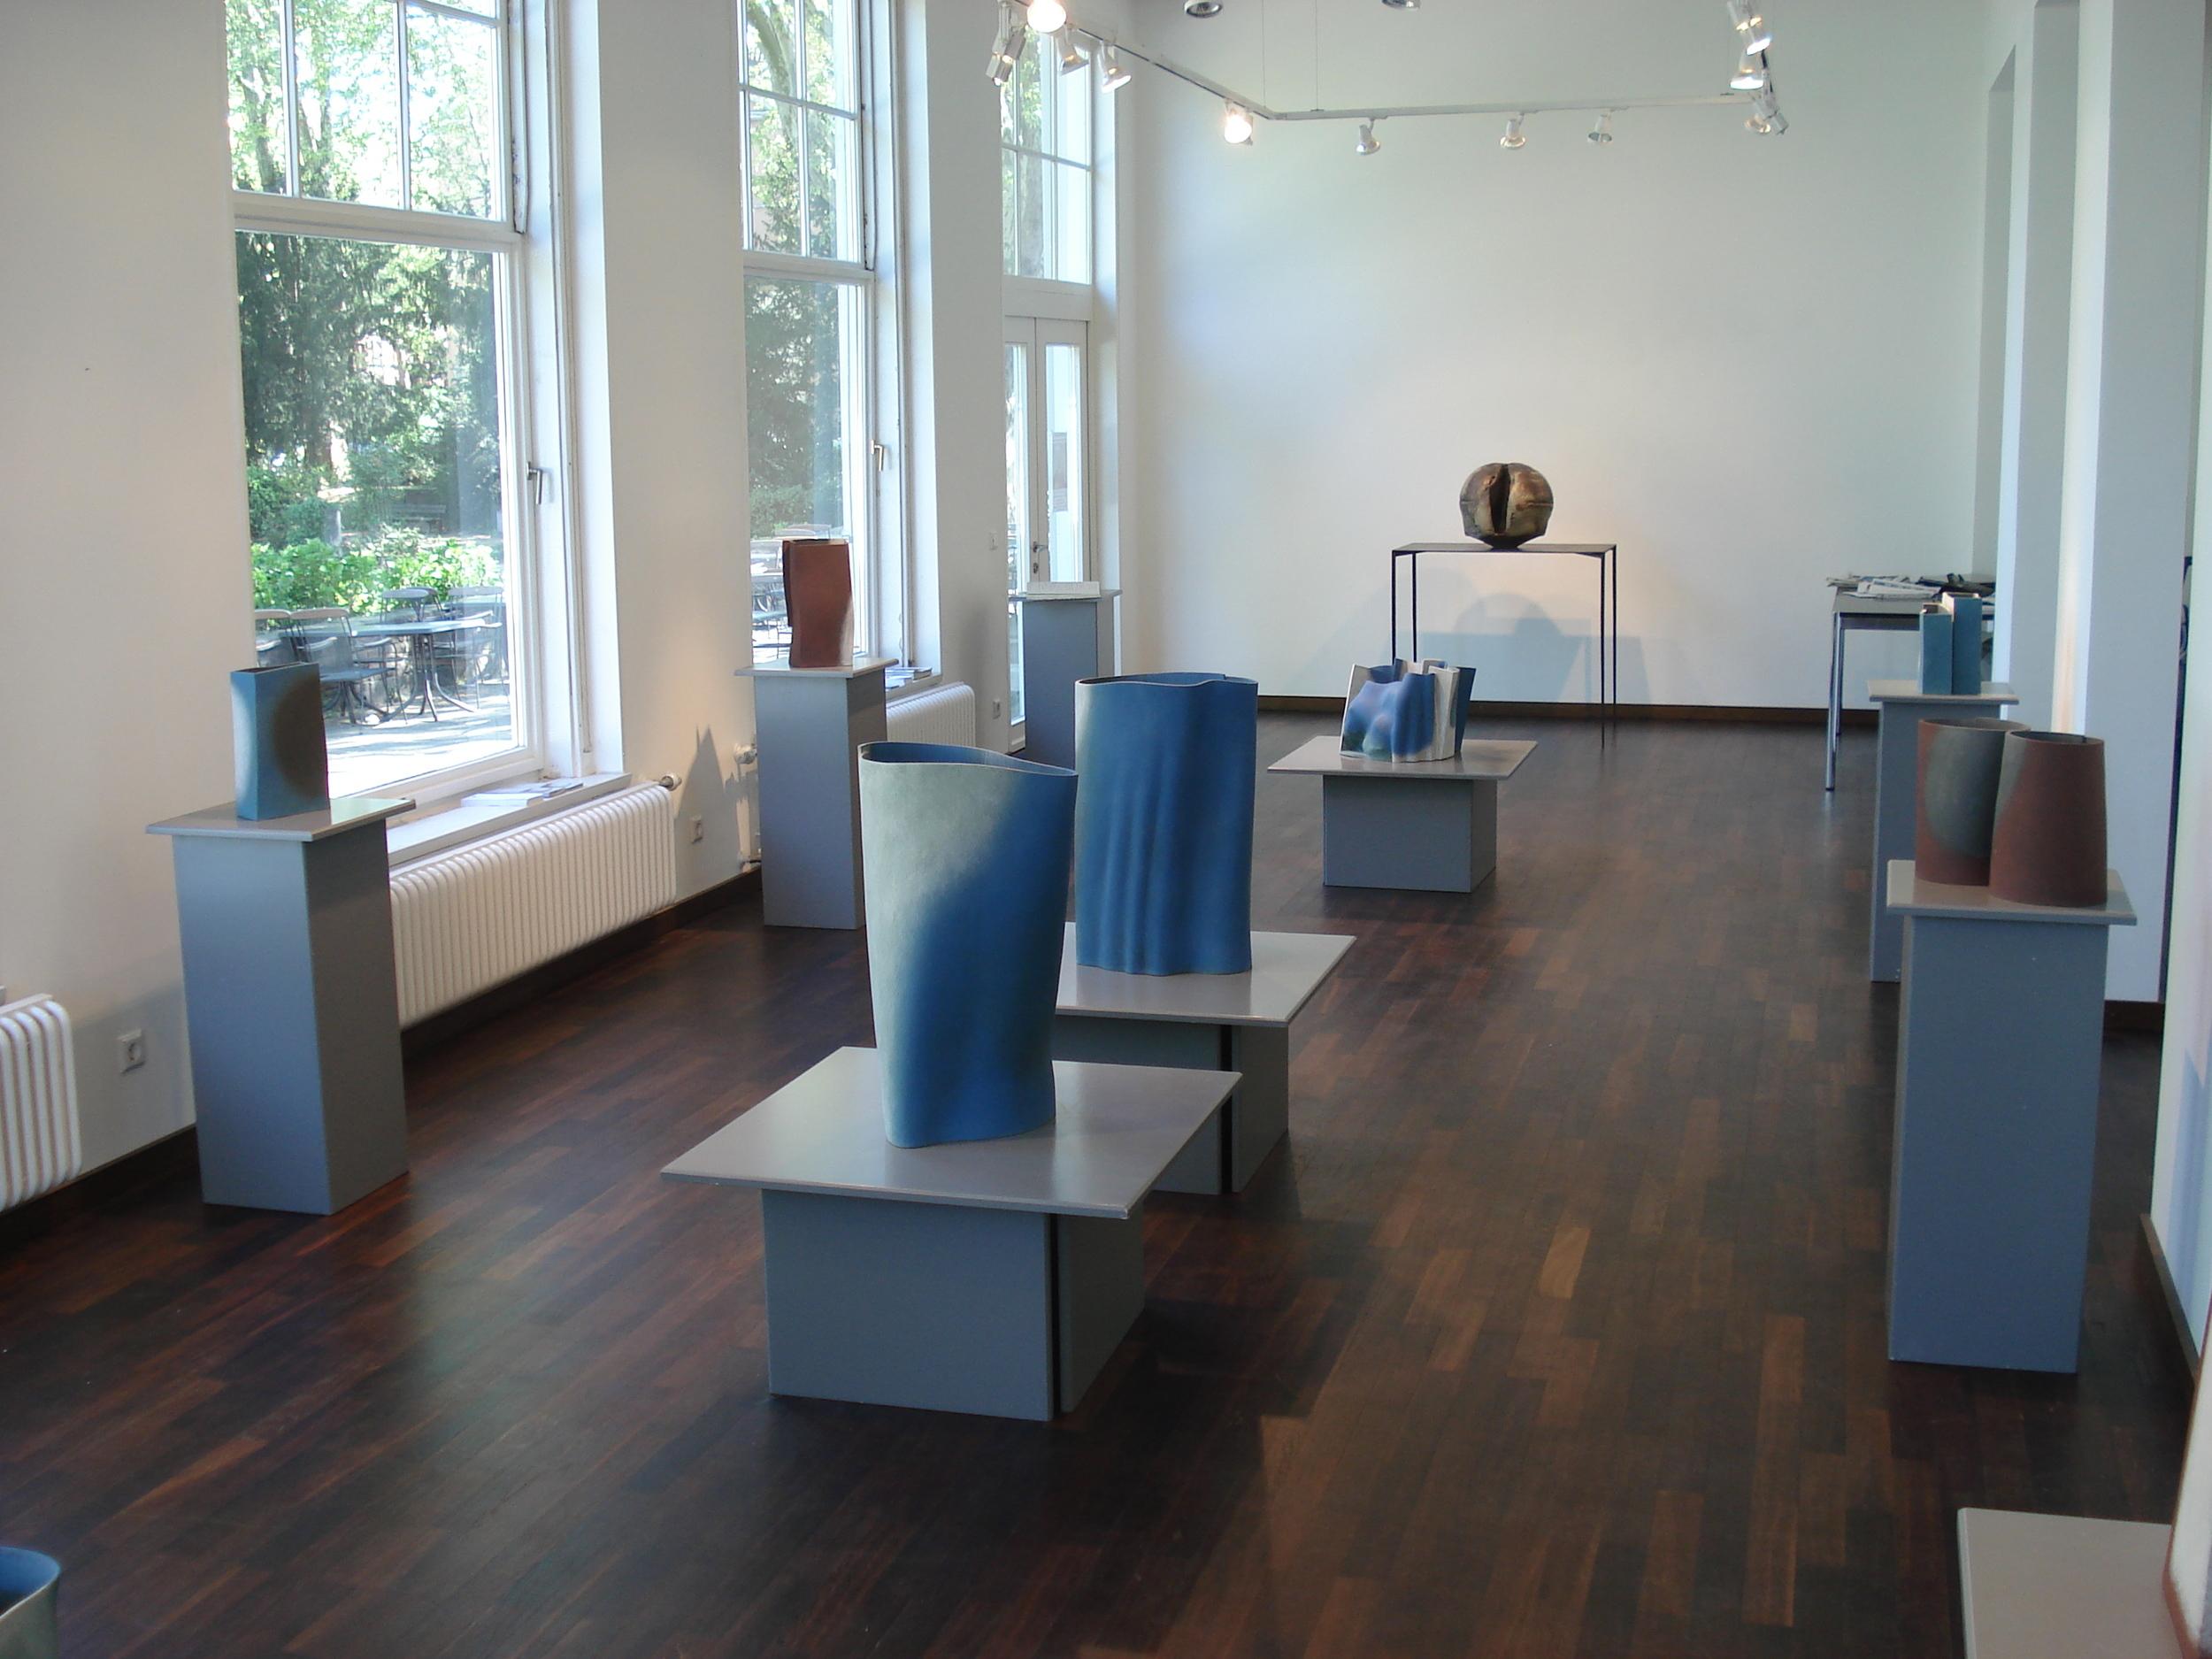 Marianne Heller Gallery, Heidelberg, Germany, 2007